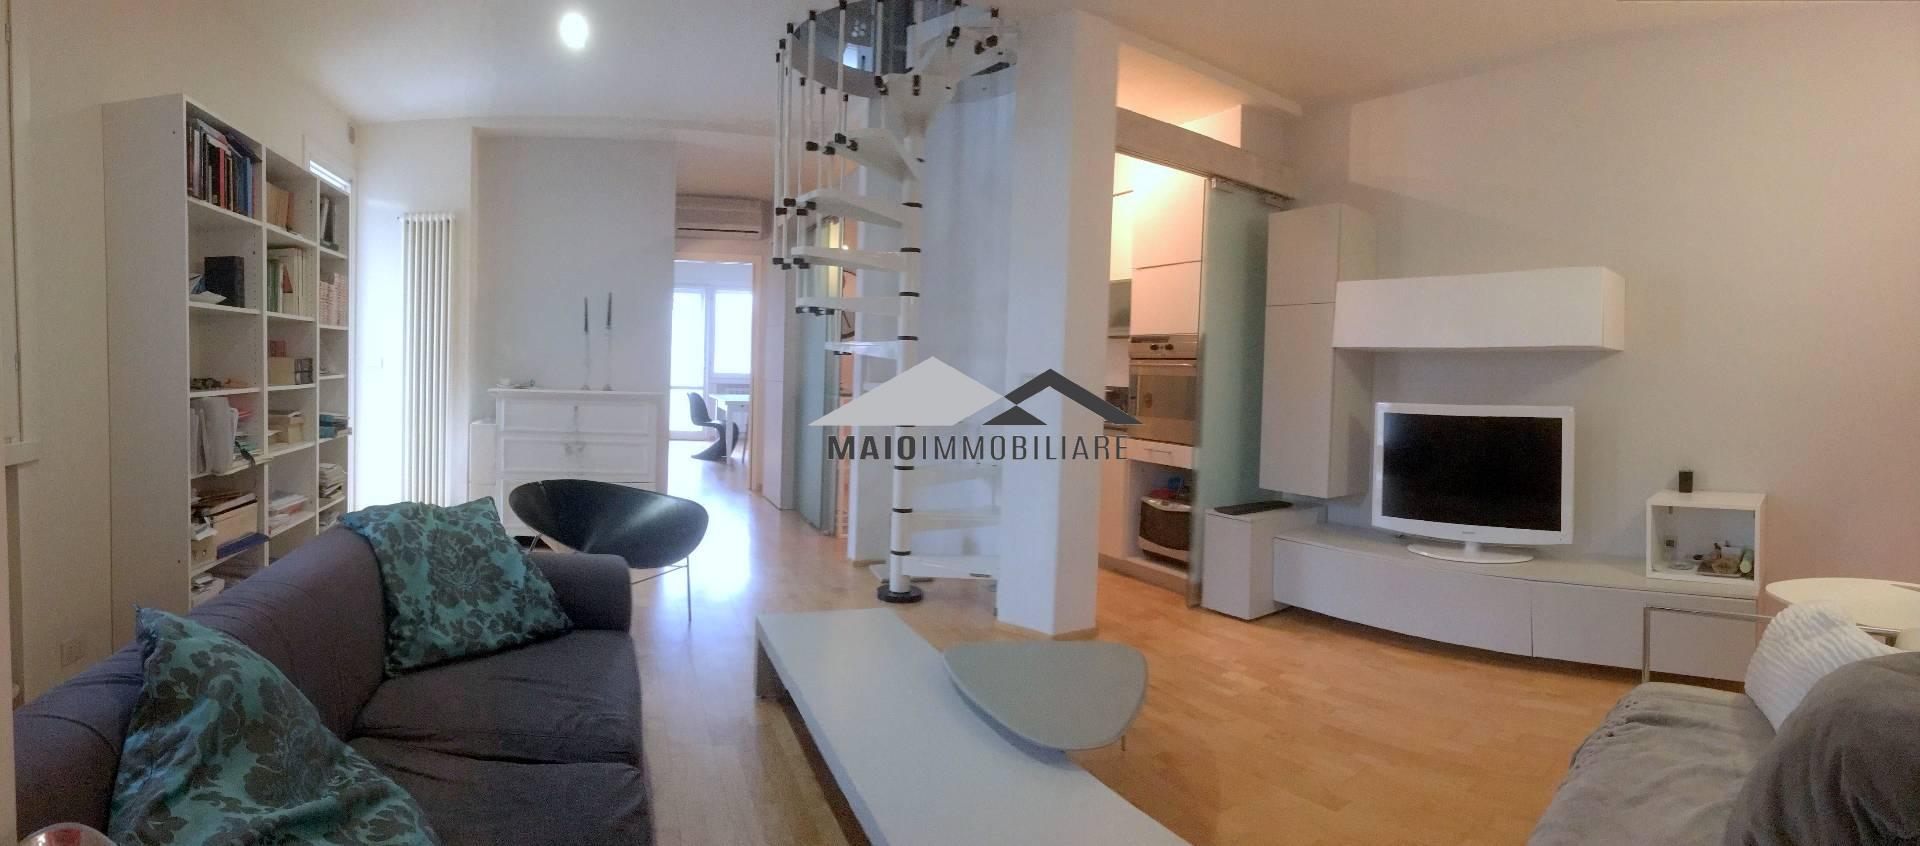 Appartamento in vendita a Riccione, 4 locali, zona Località: TERME, prezzo € 240.000 | Cambio Casa.it